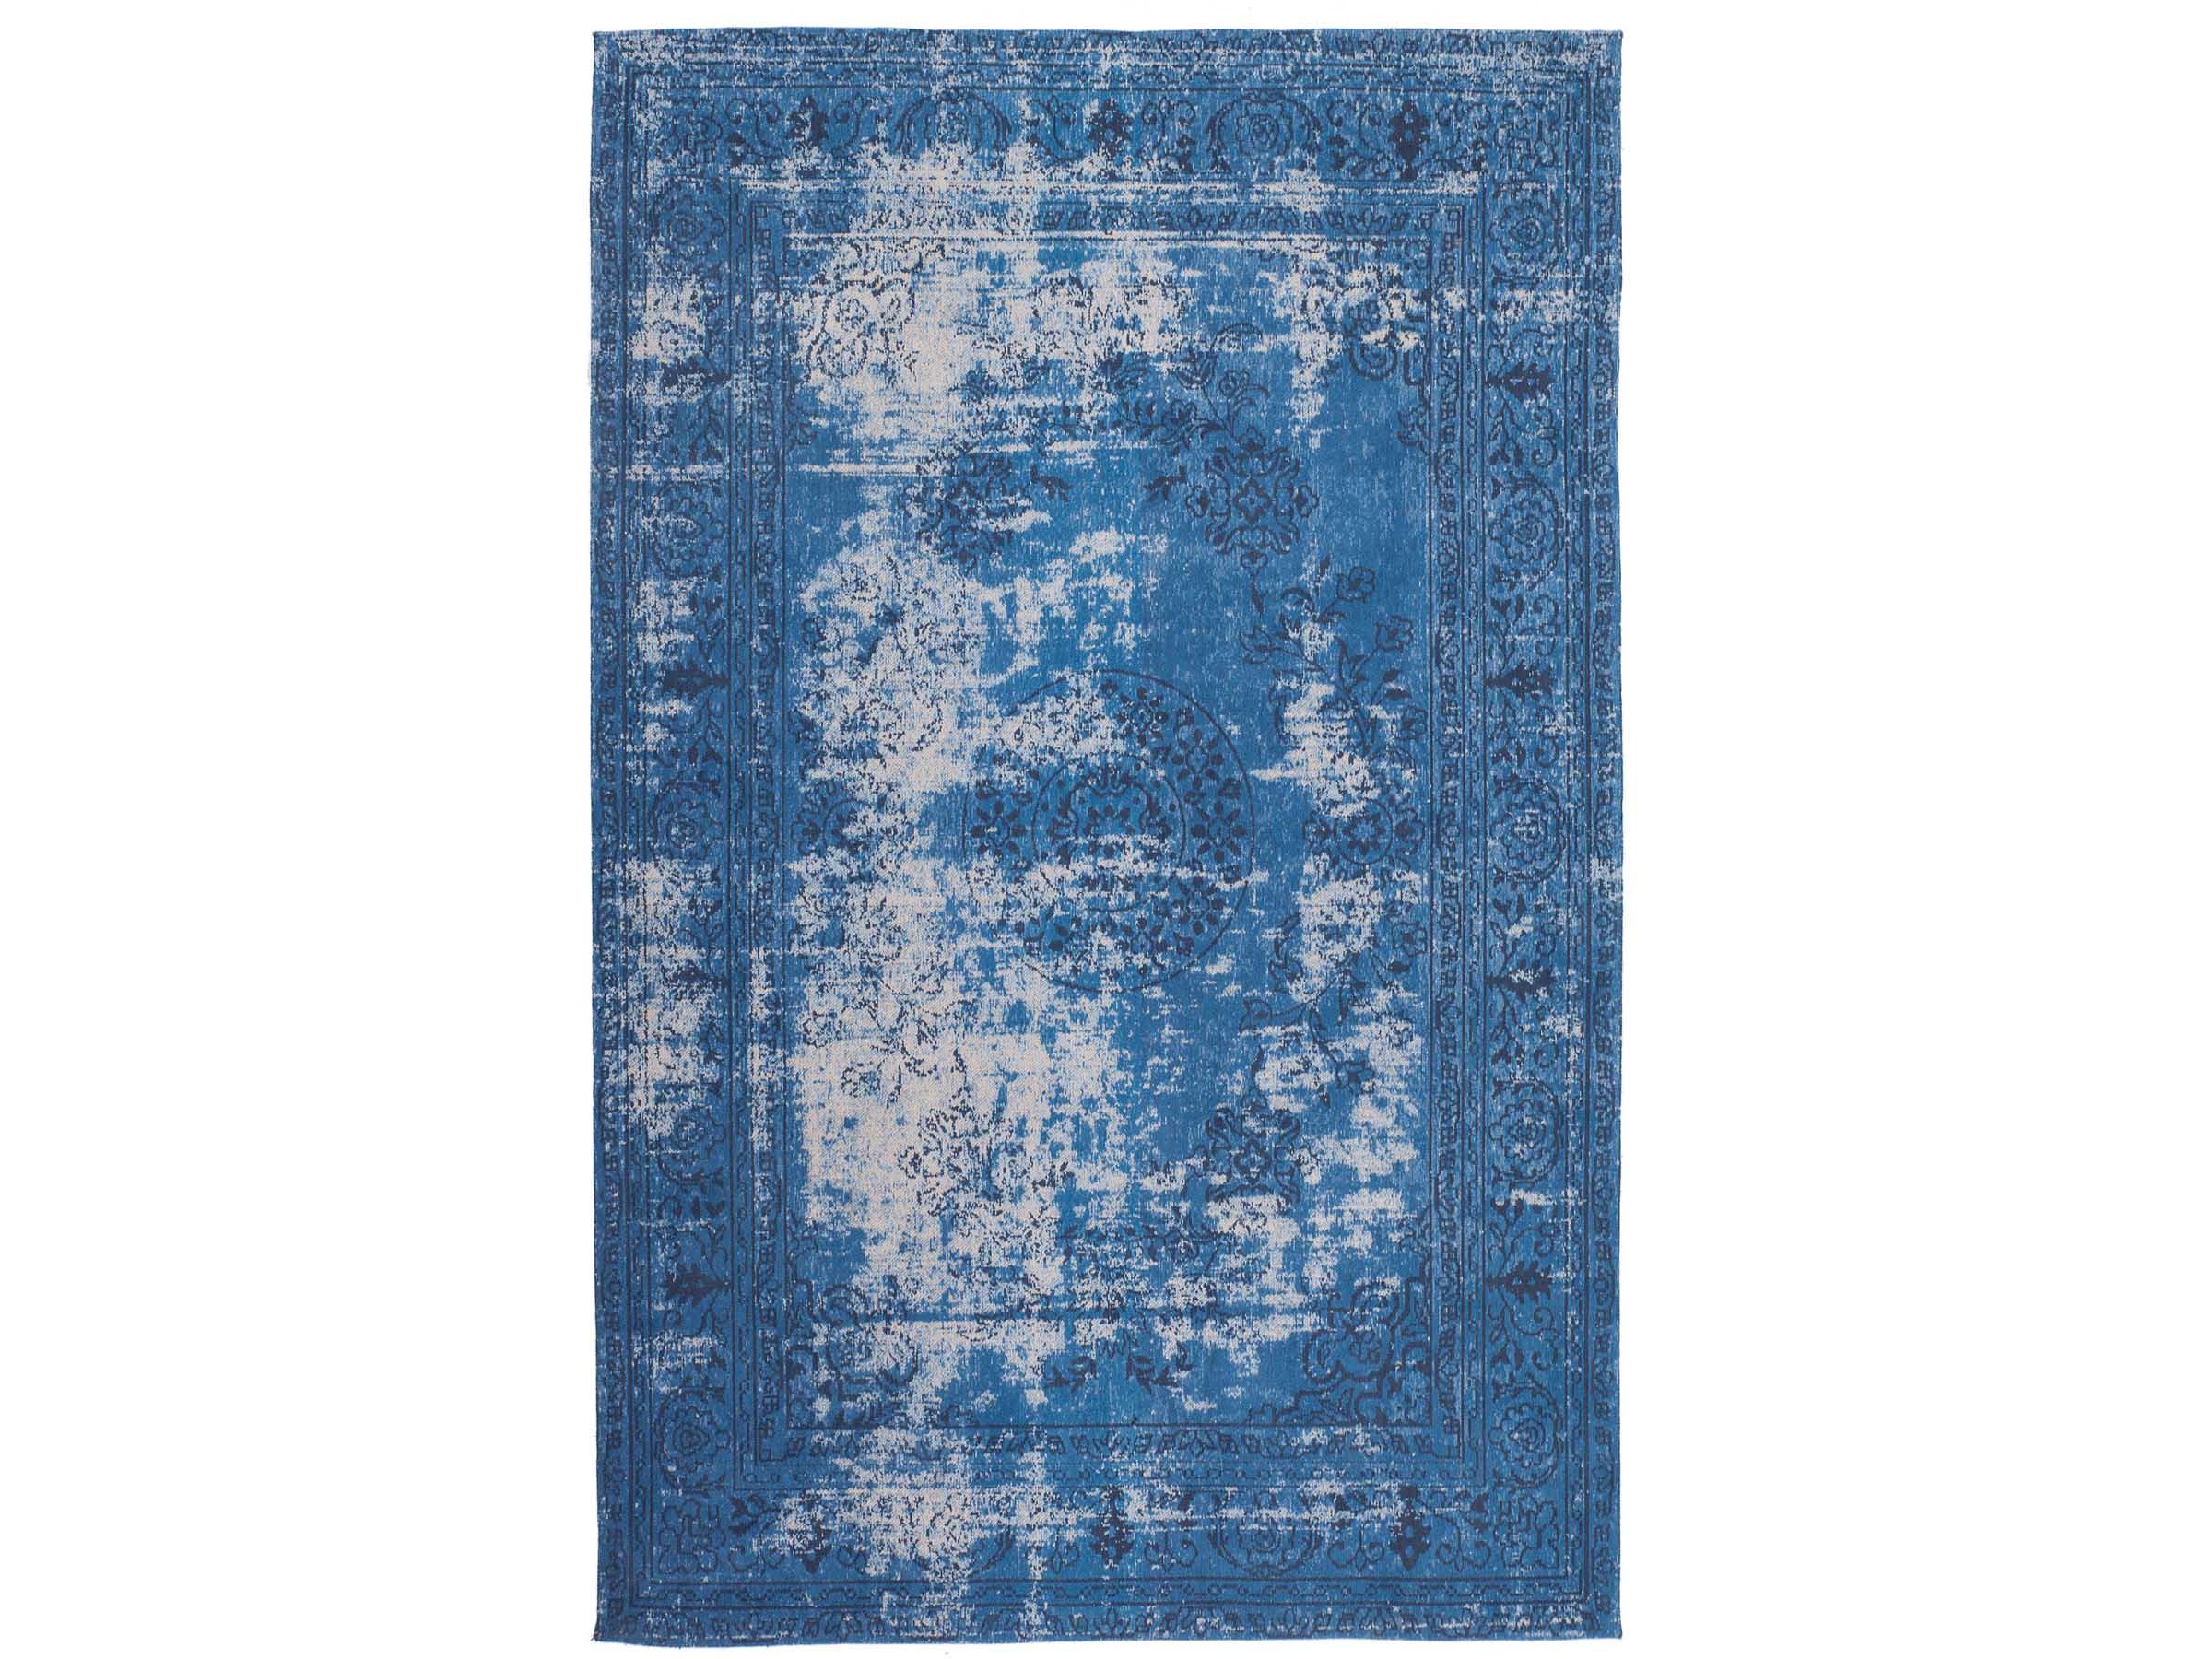 Tapijt Petrol Blauw : Oud blauw hoog polig tapijt ecosia